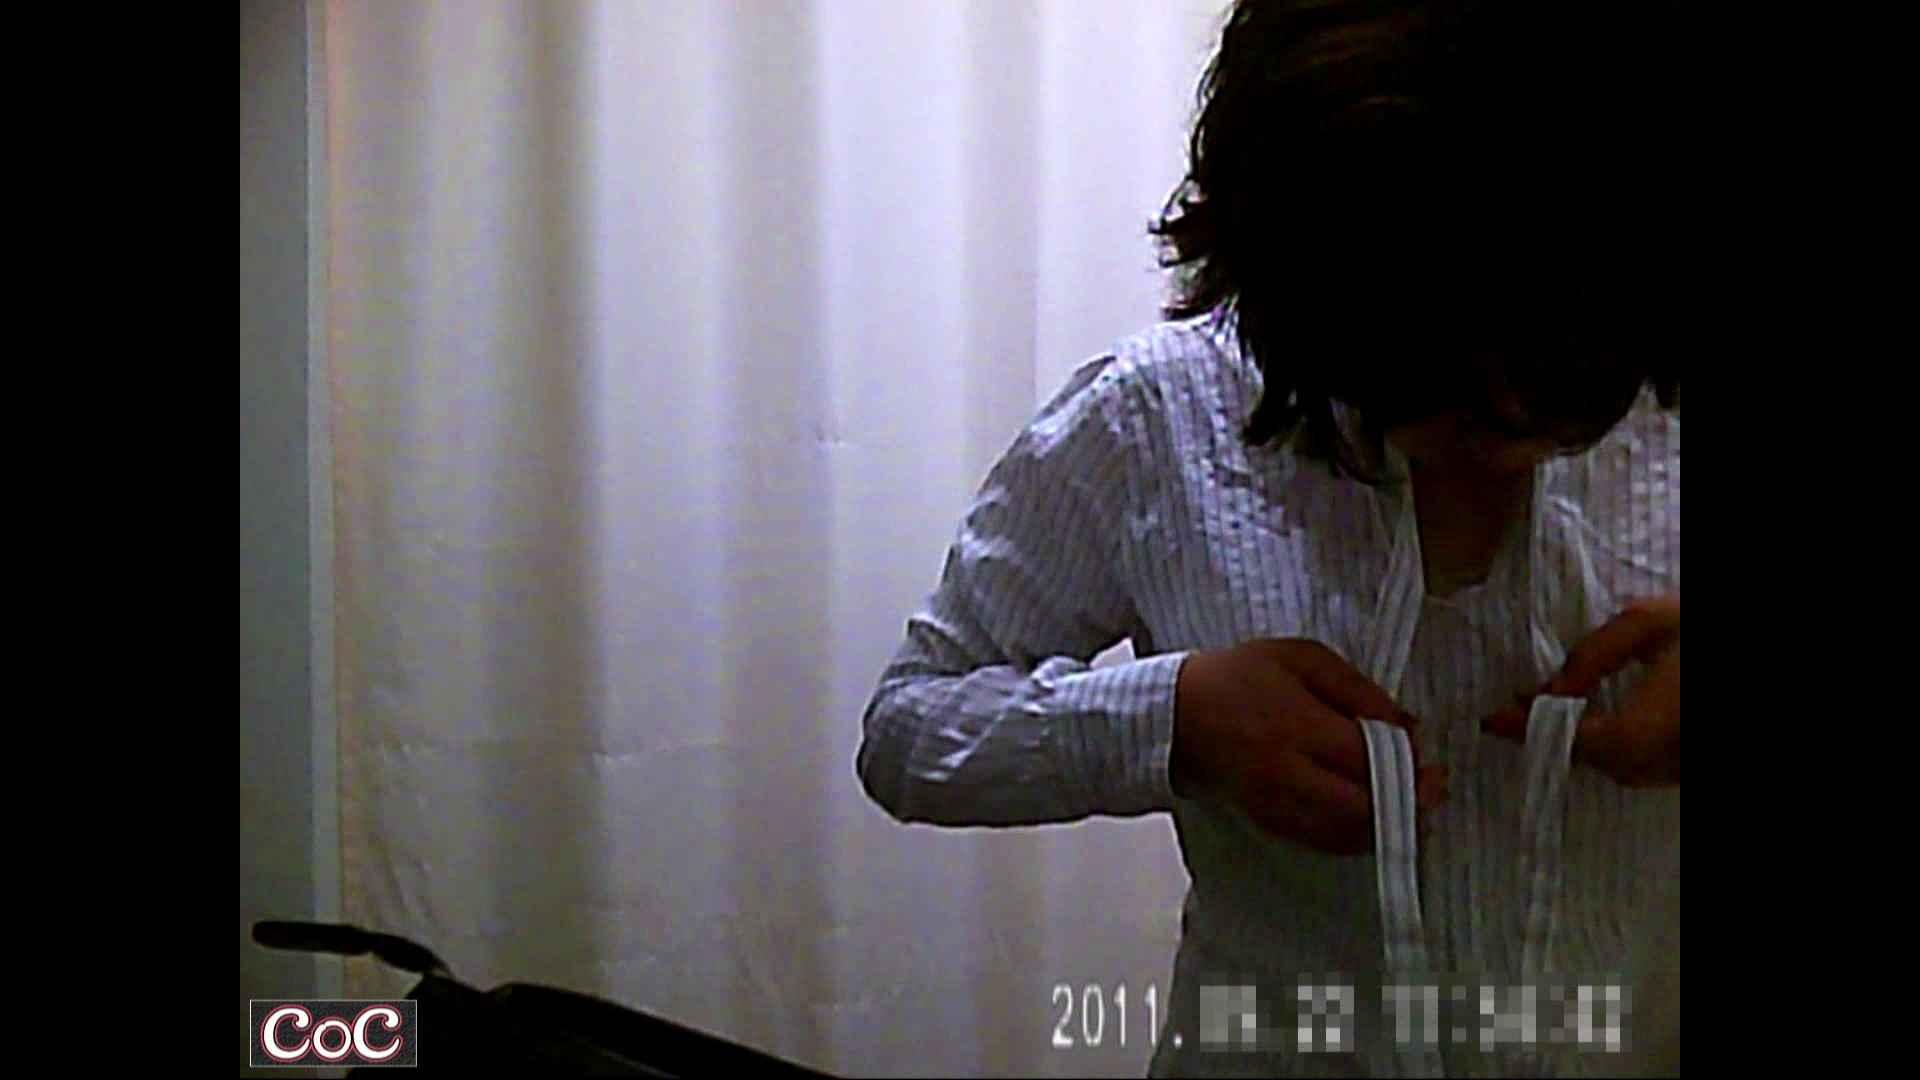 病院おもいっきり着替え! vol.33 OLの実態 のぞき濡れ場動画紹介 30pic 23